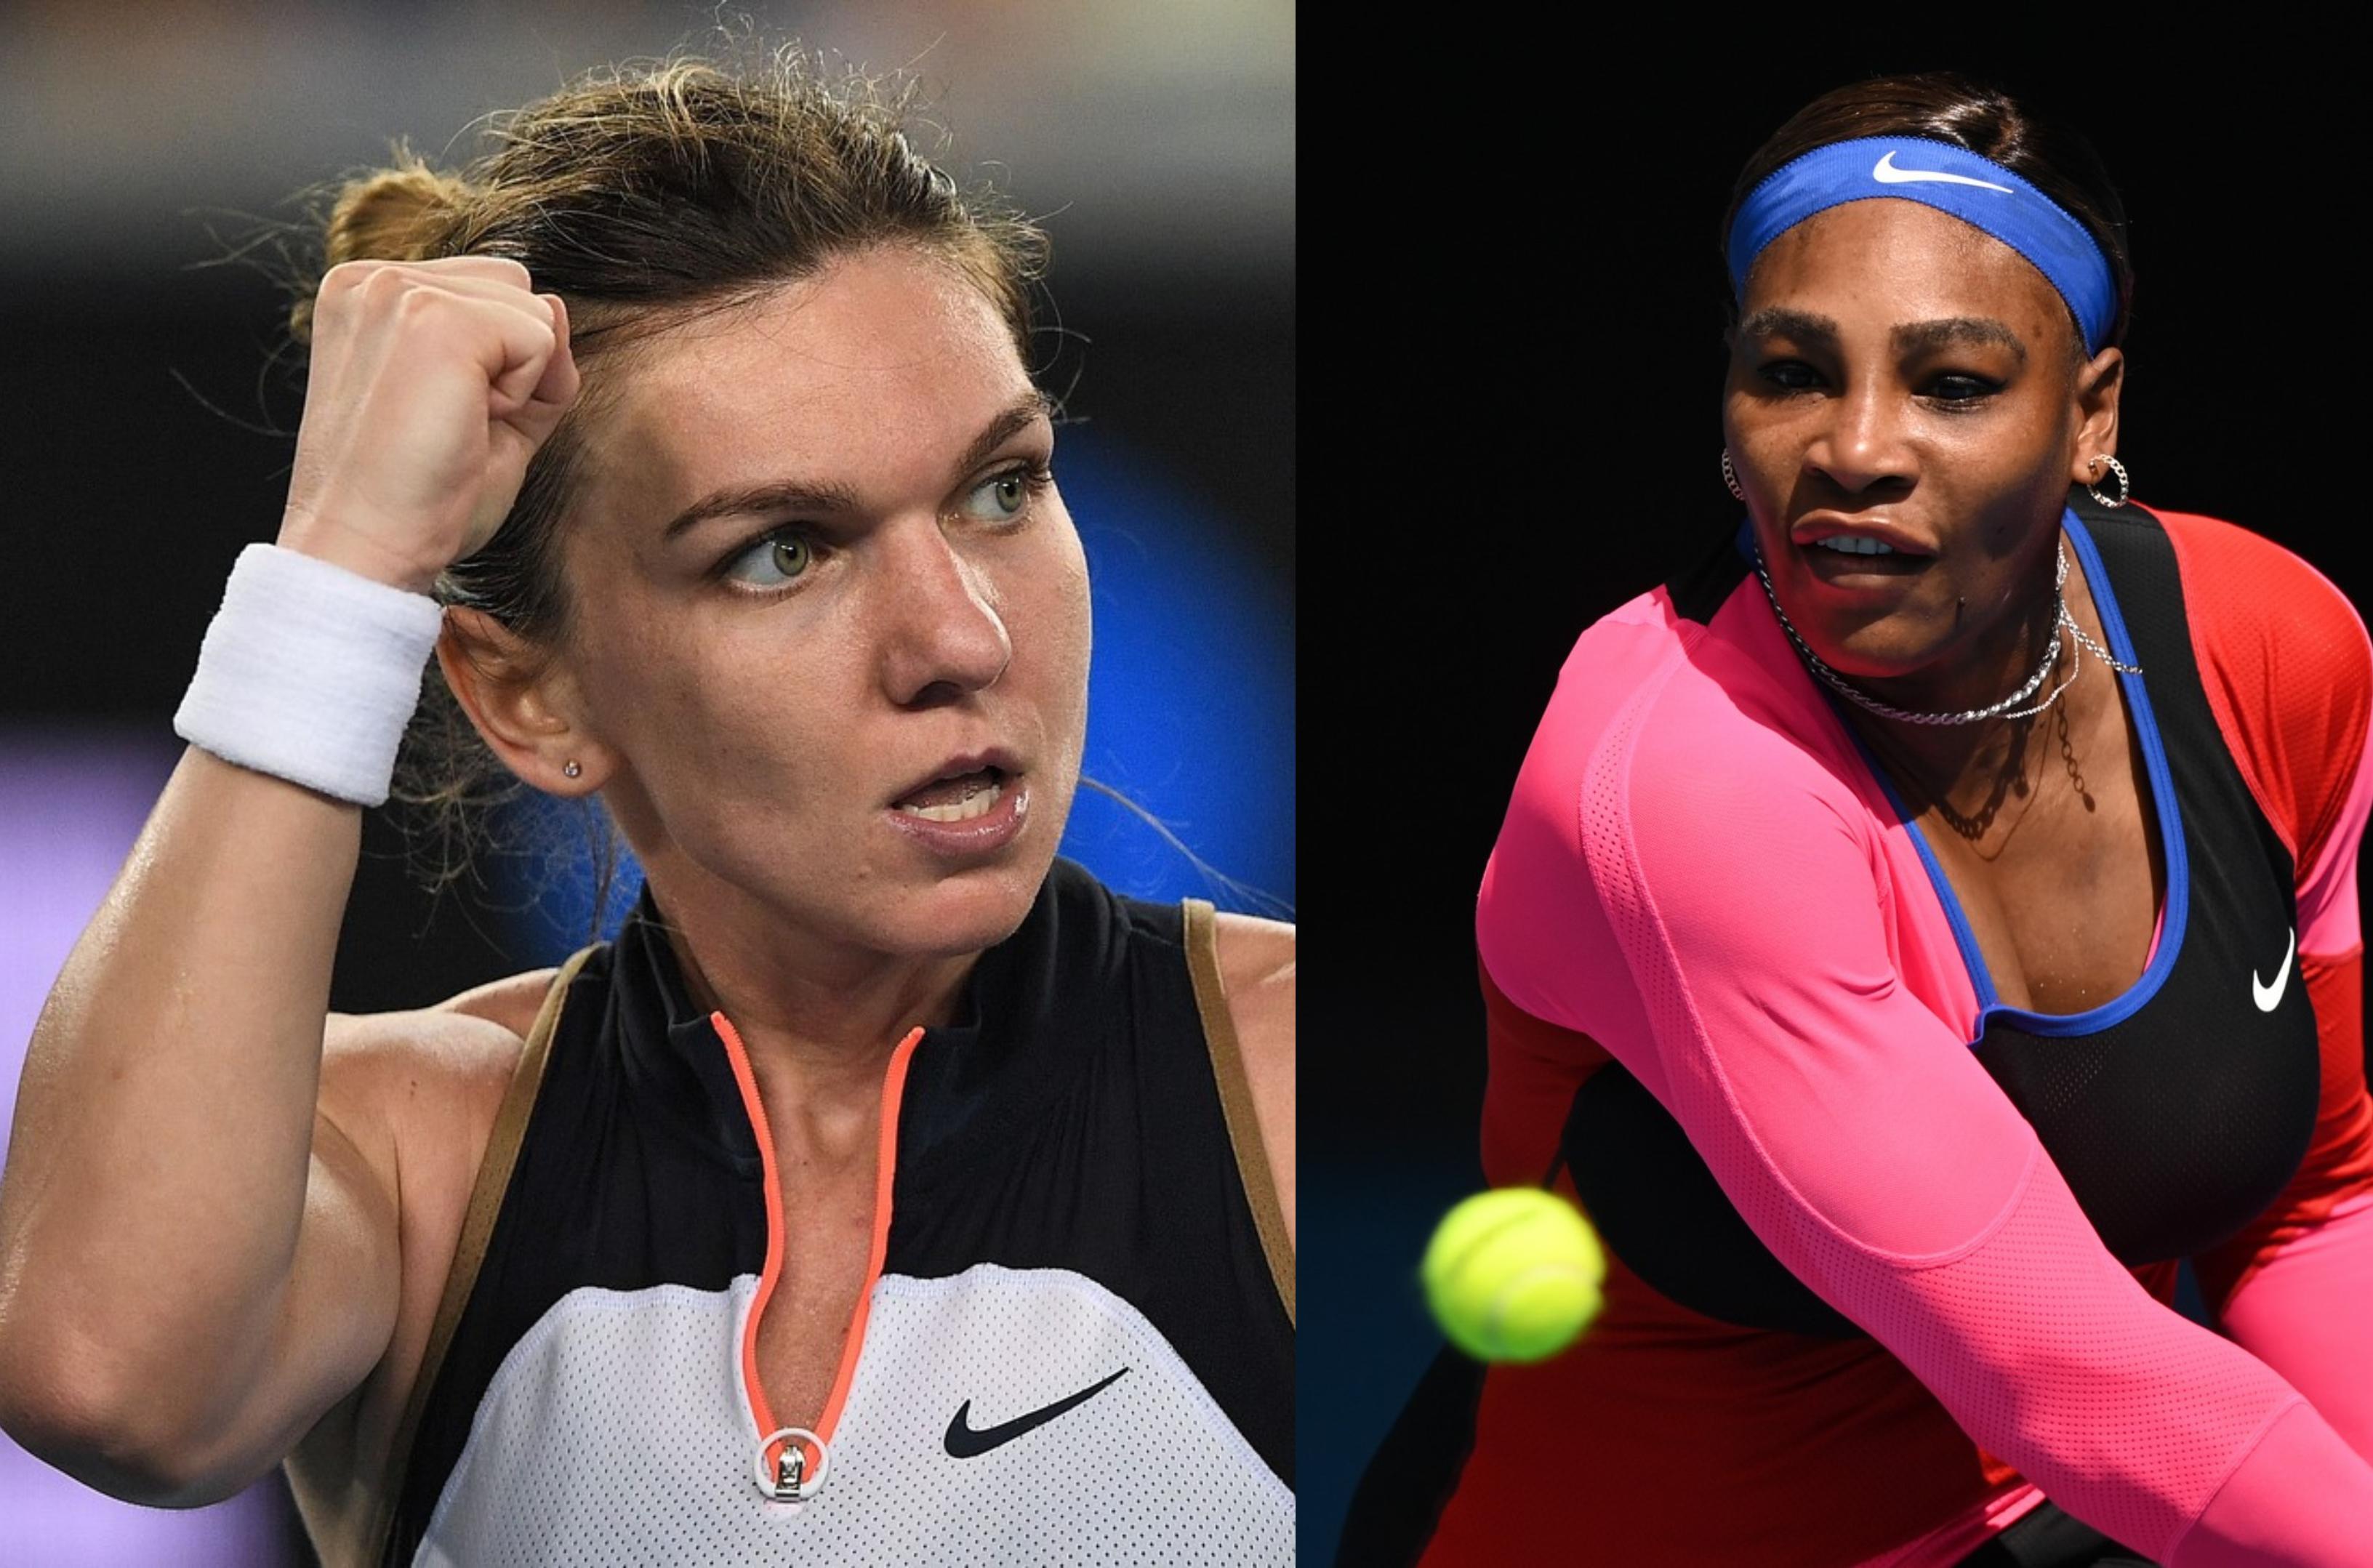 Australian Open 2021. Simona Halep împotriva Serenei Williams. Când se joacă meciul de tenis între cele două sportive